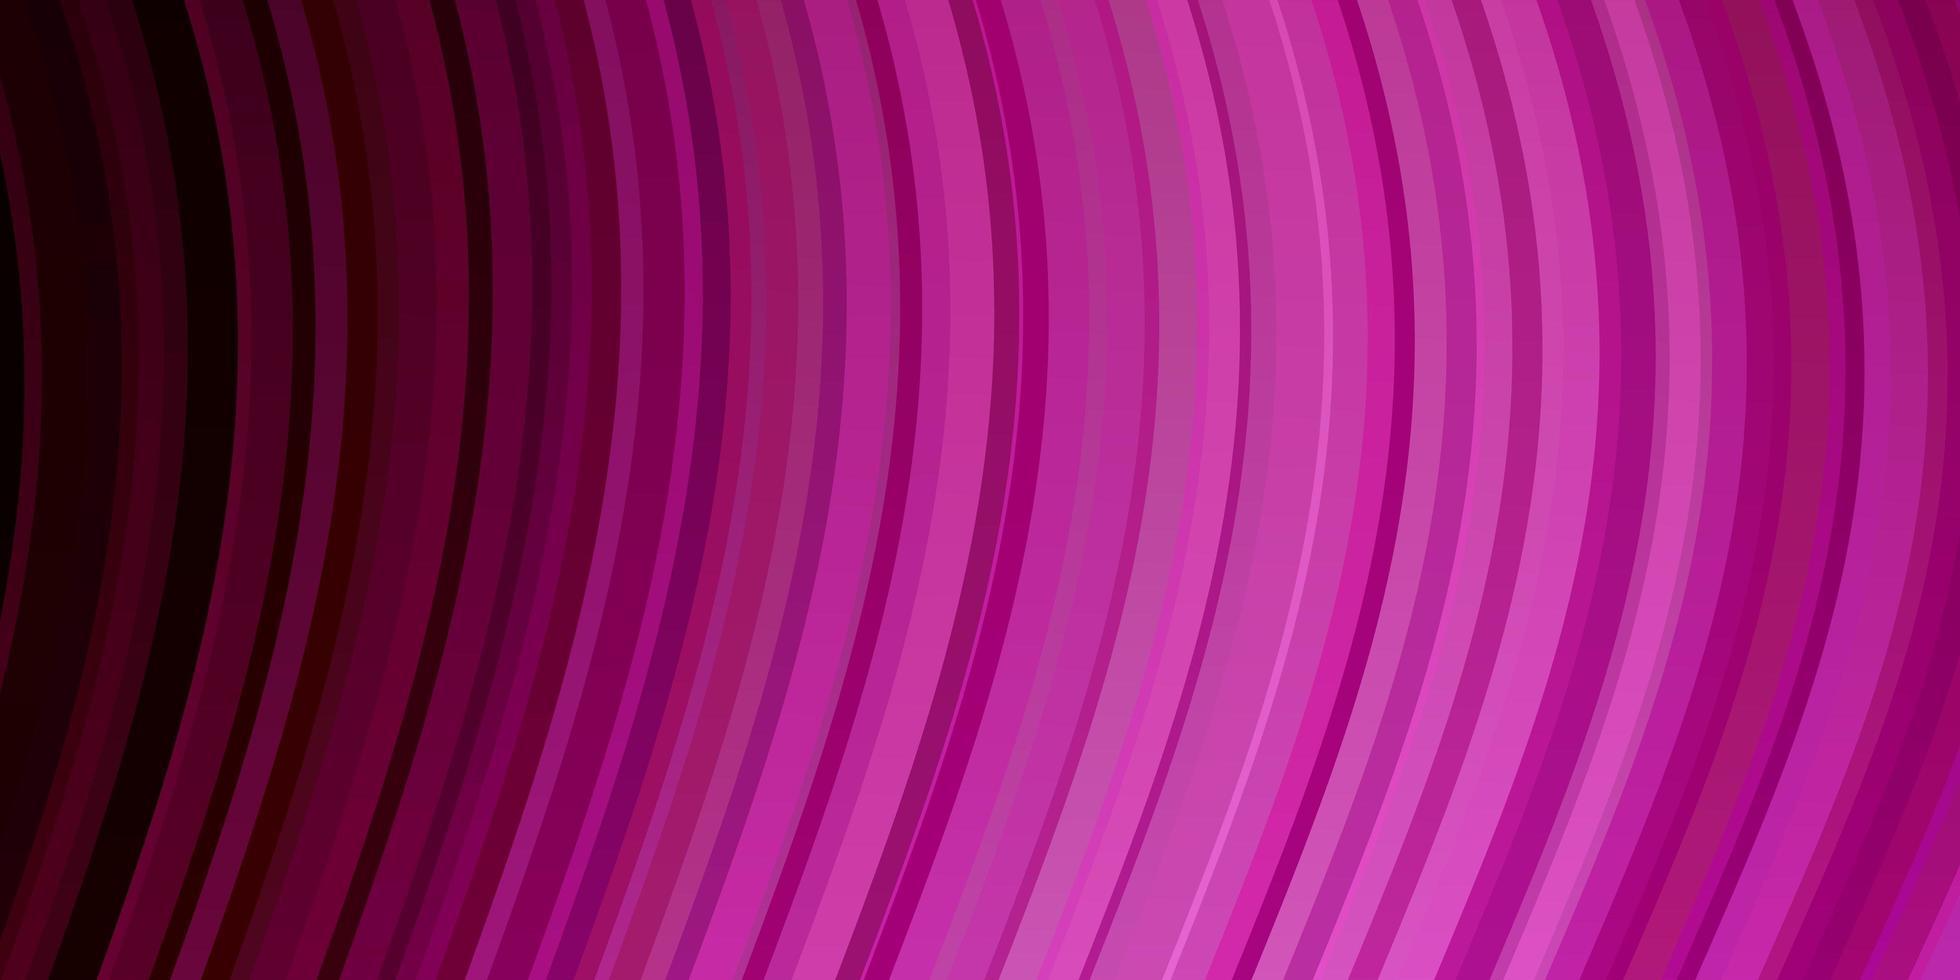 sfondo vettoriale rosa chiaro con curve.